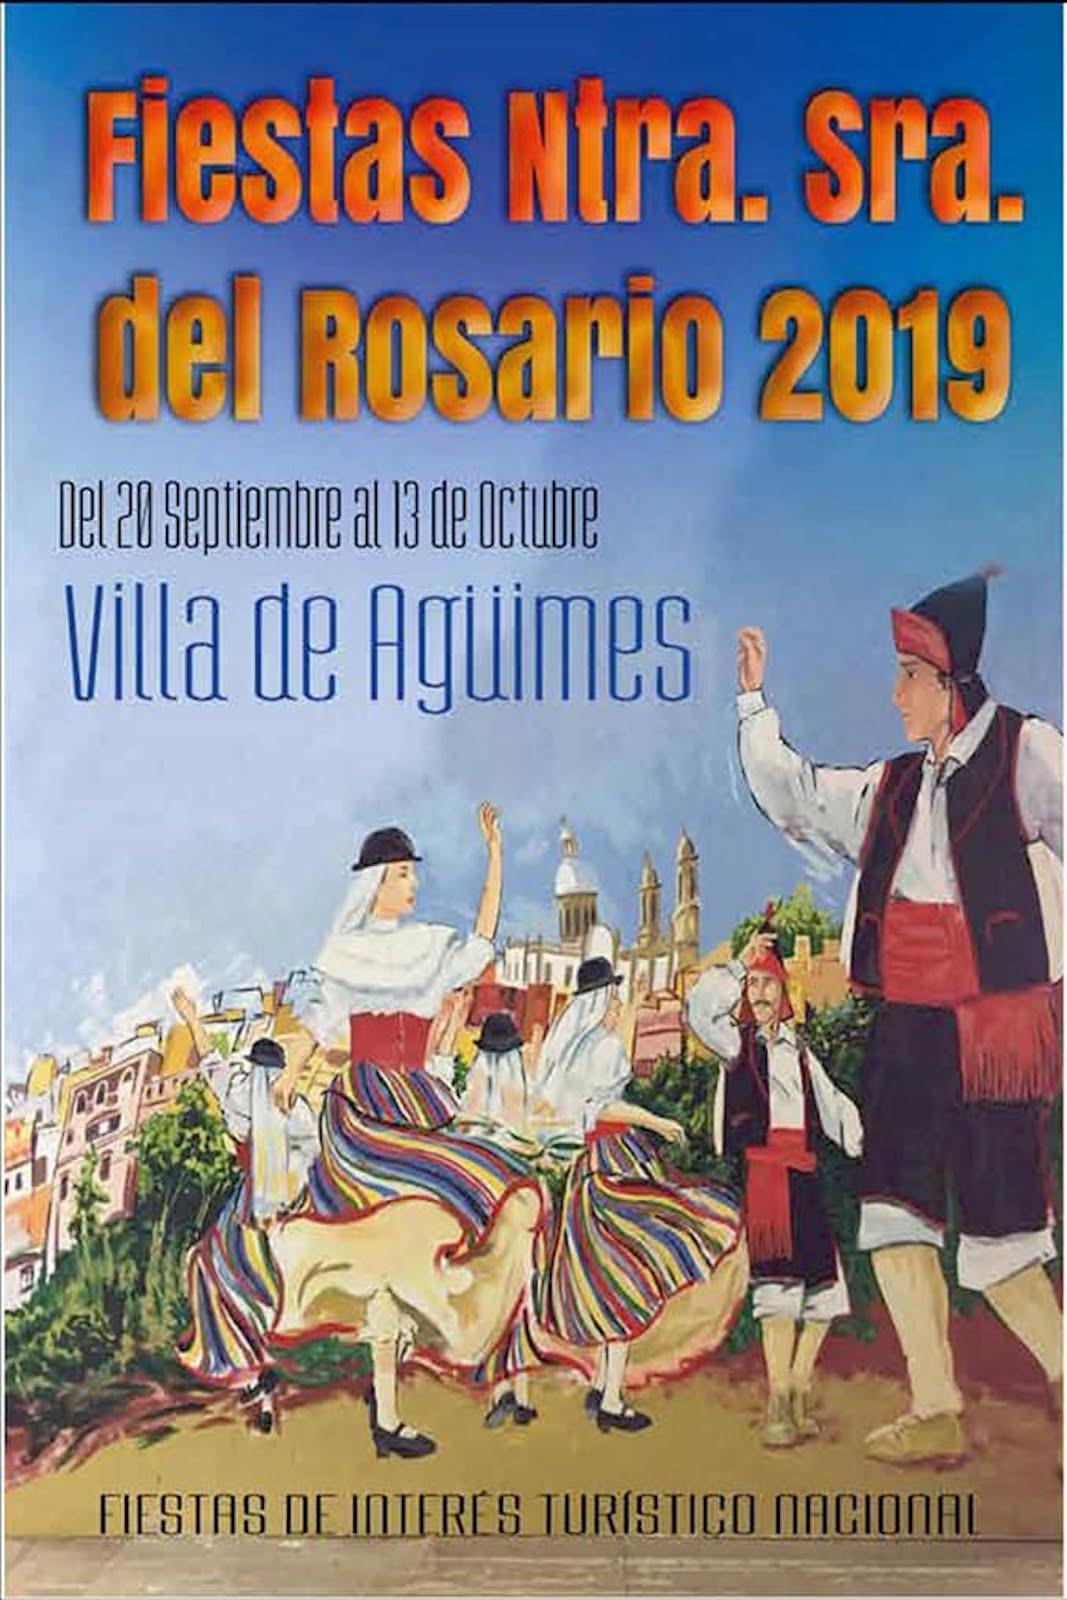 Fiestas en honor a Ntra. Sra. del Rosario 2019